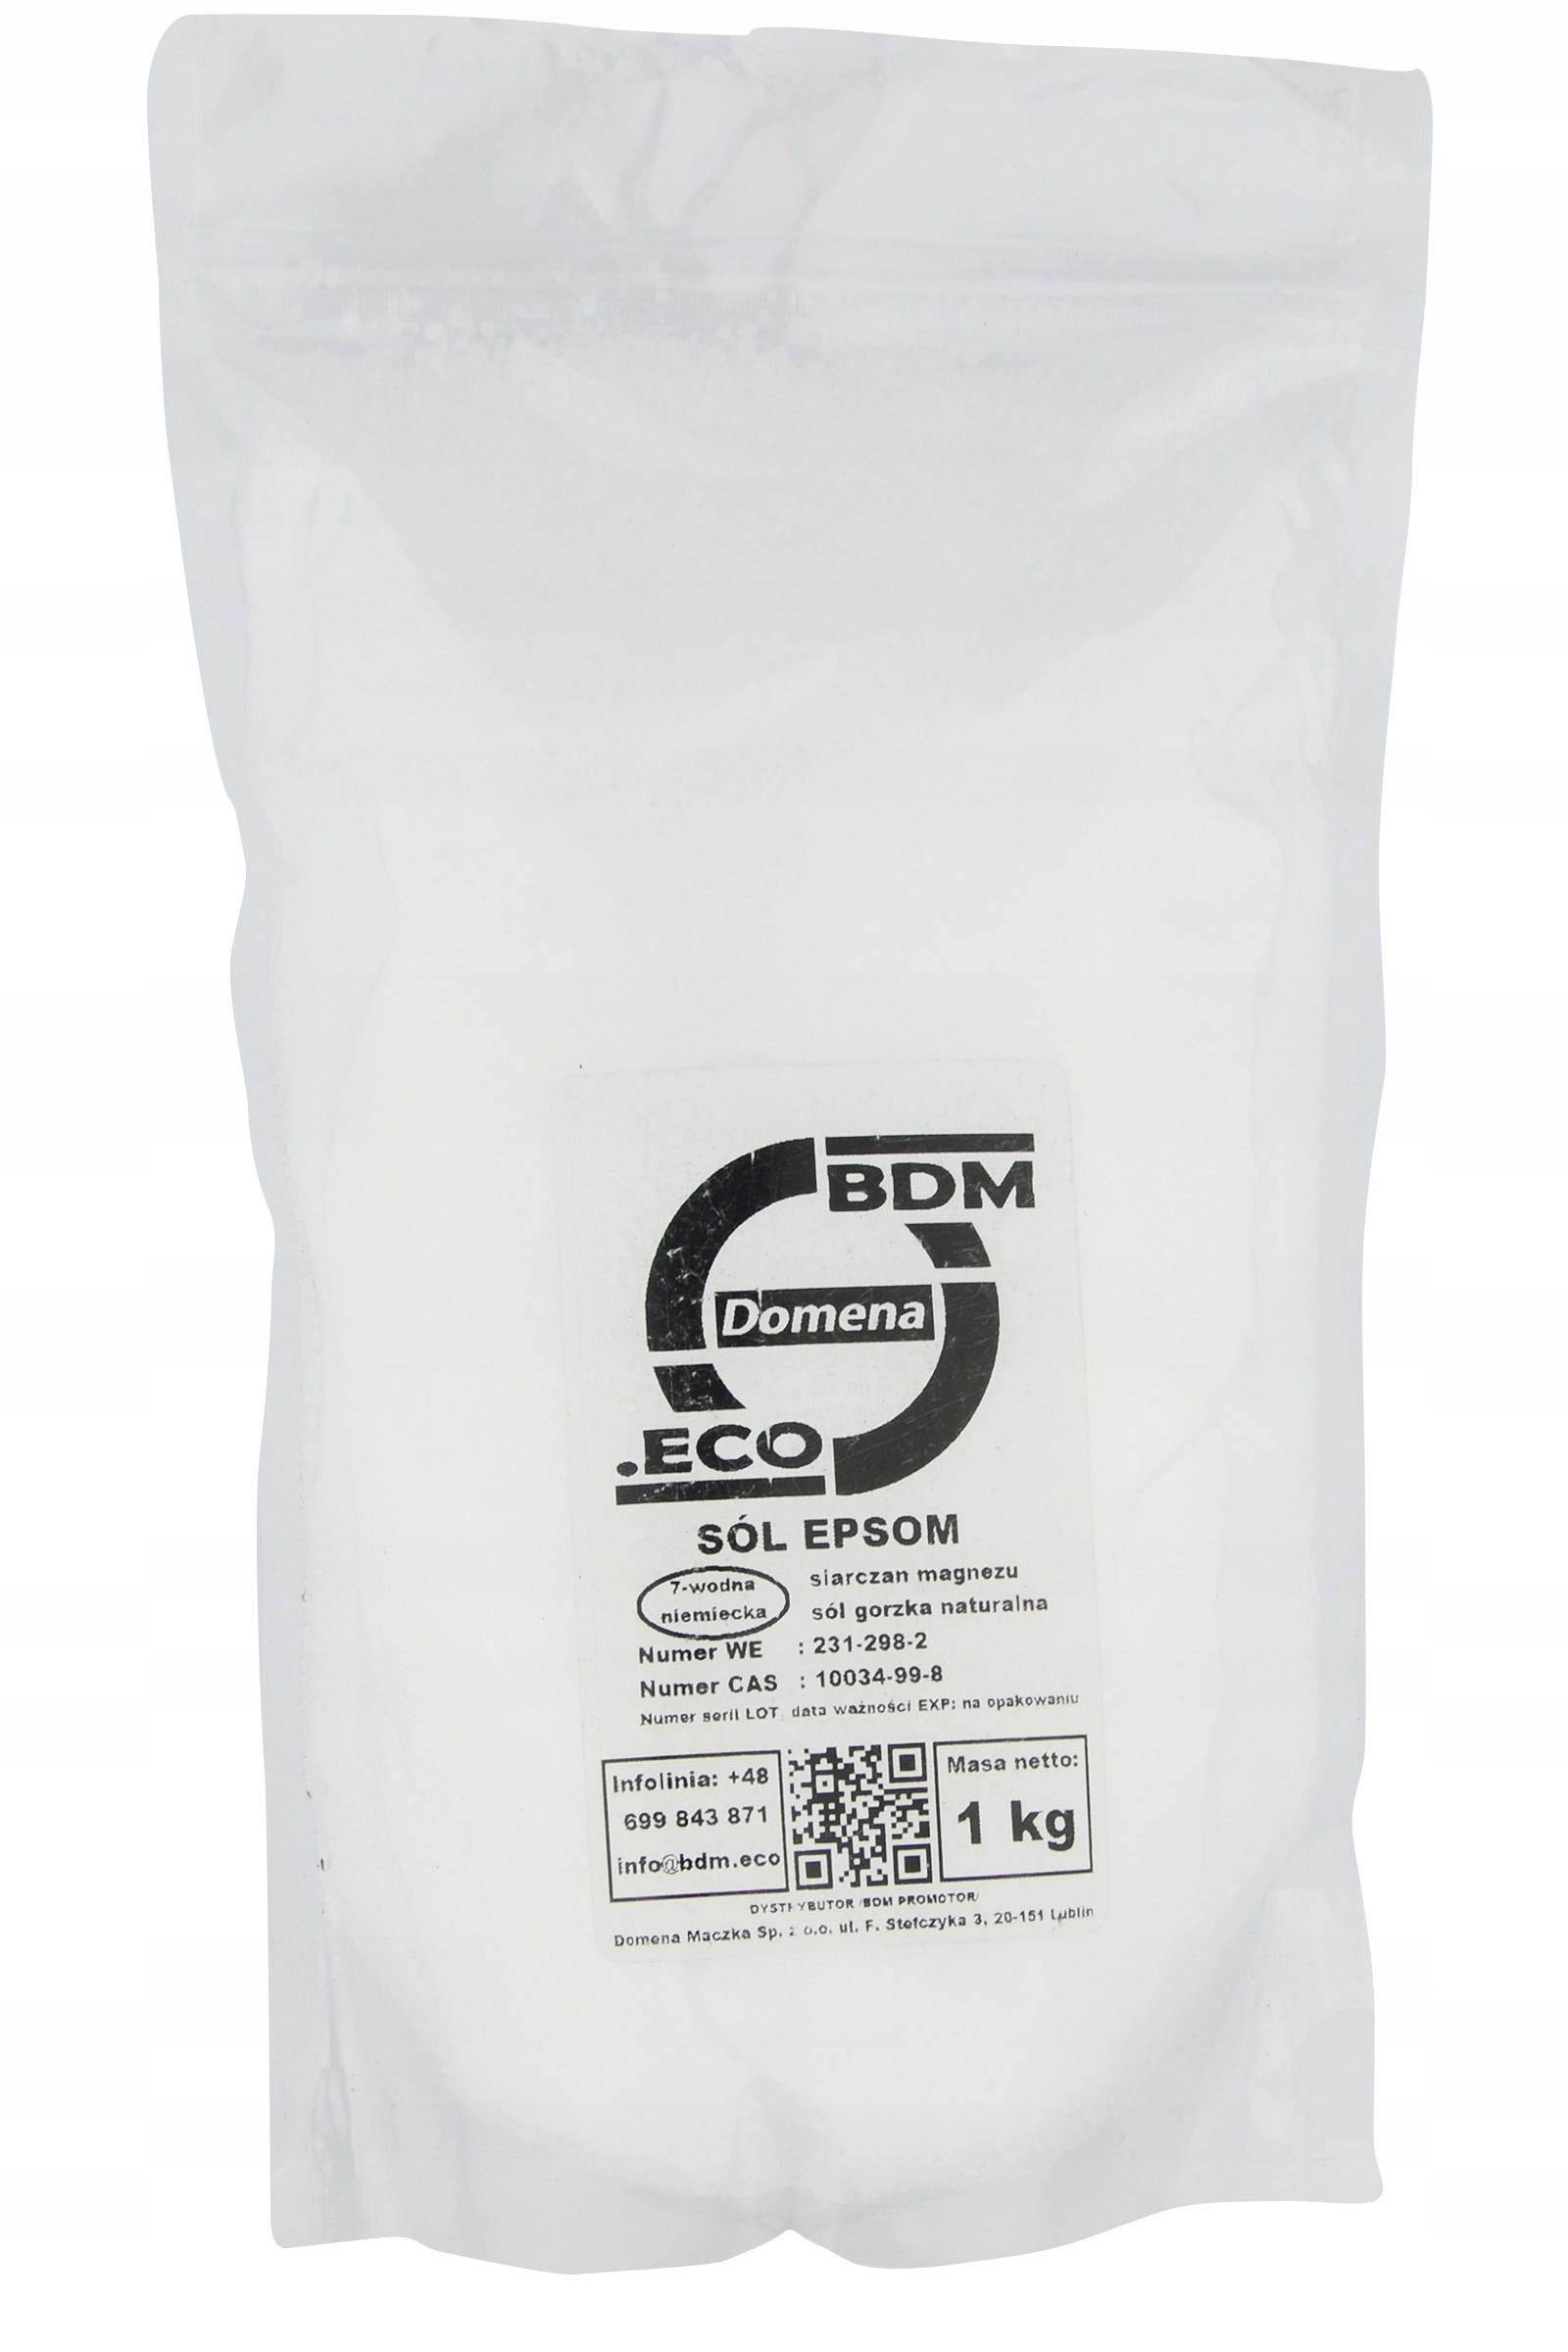 Sól Epsom Gorzka siarczan magnezu bdm 1kg eco 100%